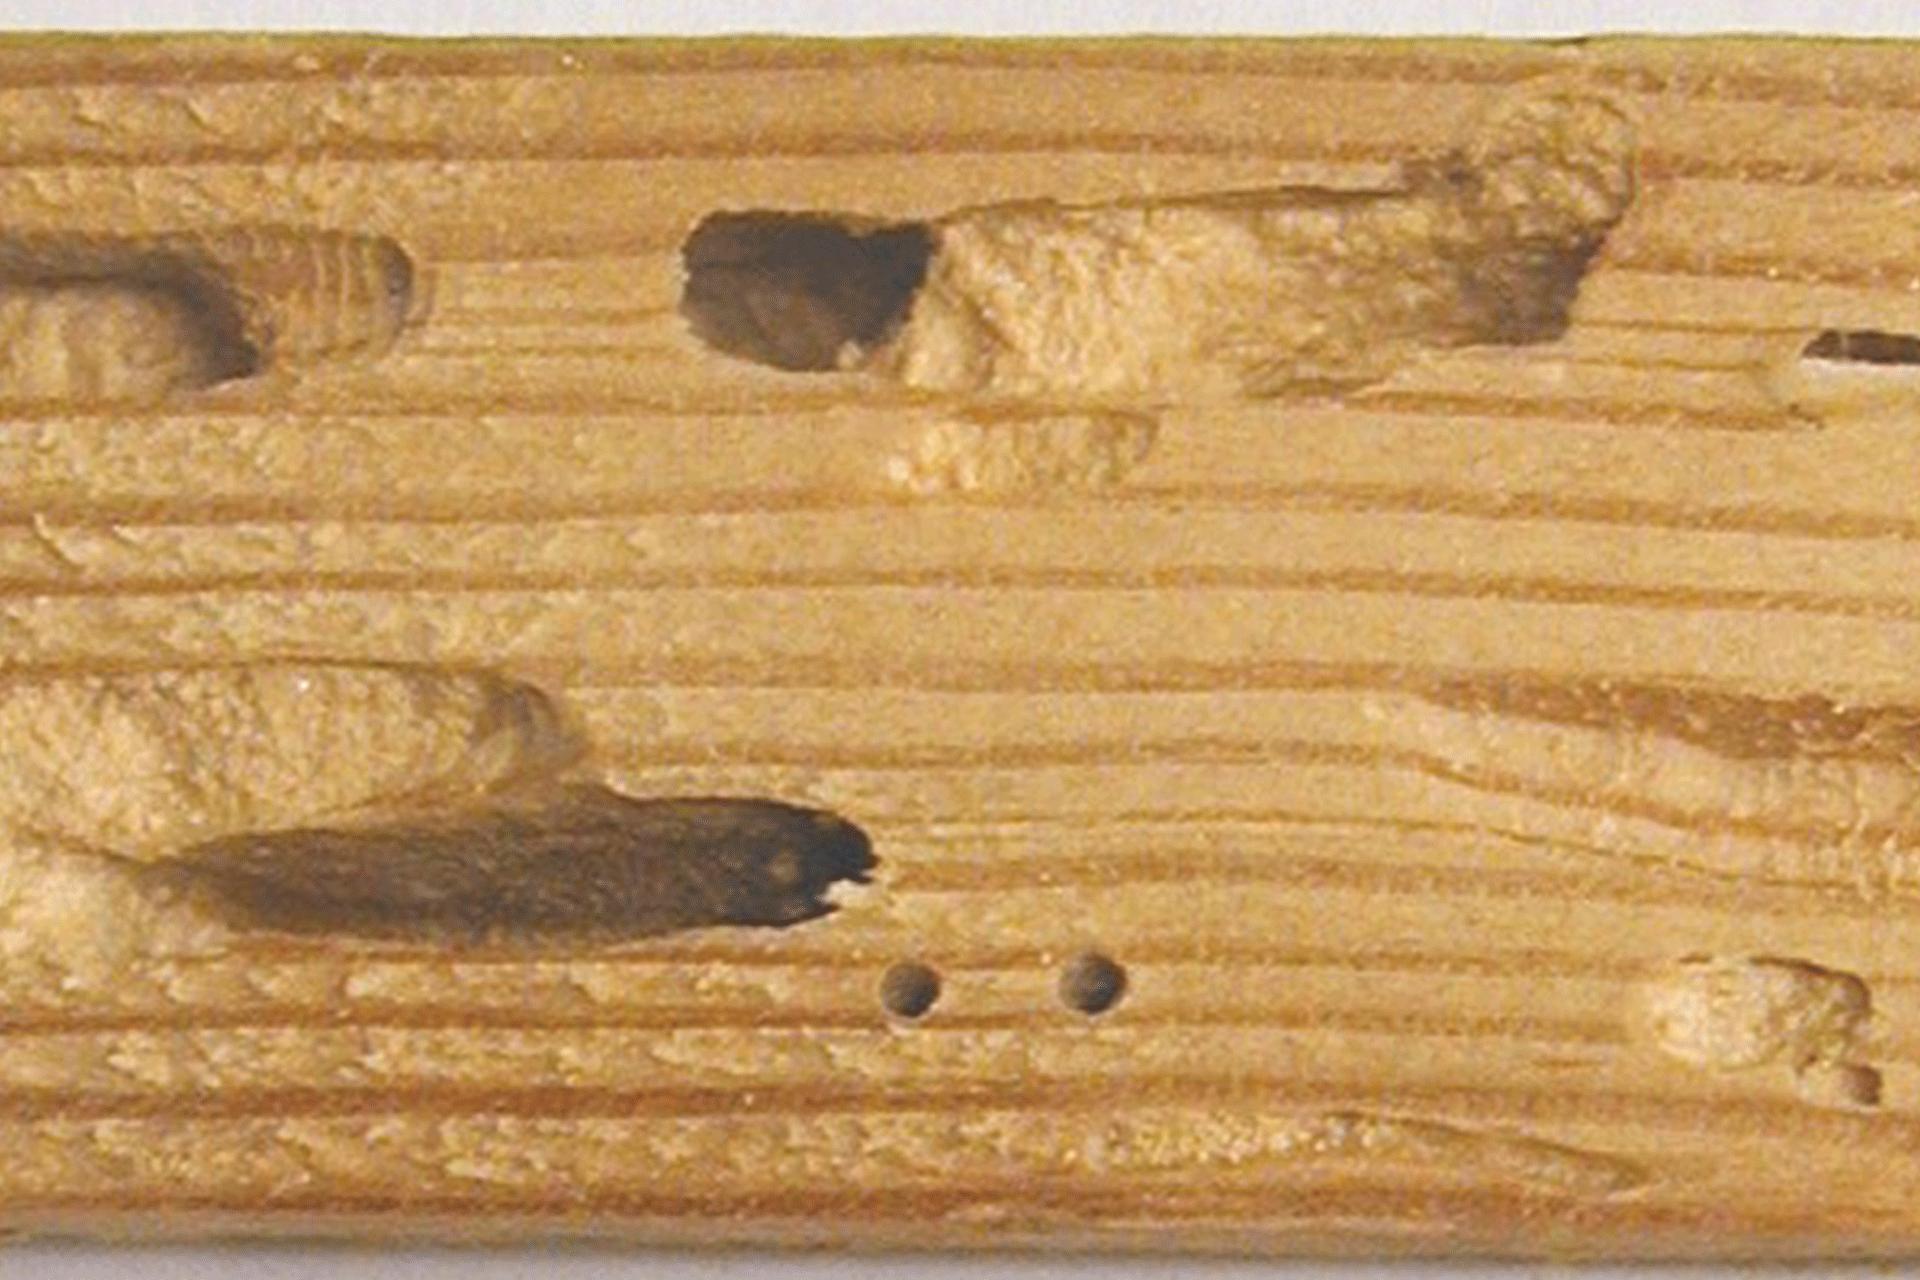 le bois endommagé par le capricorne